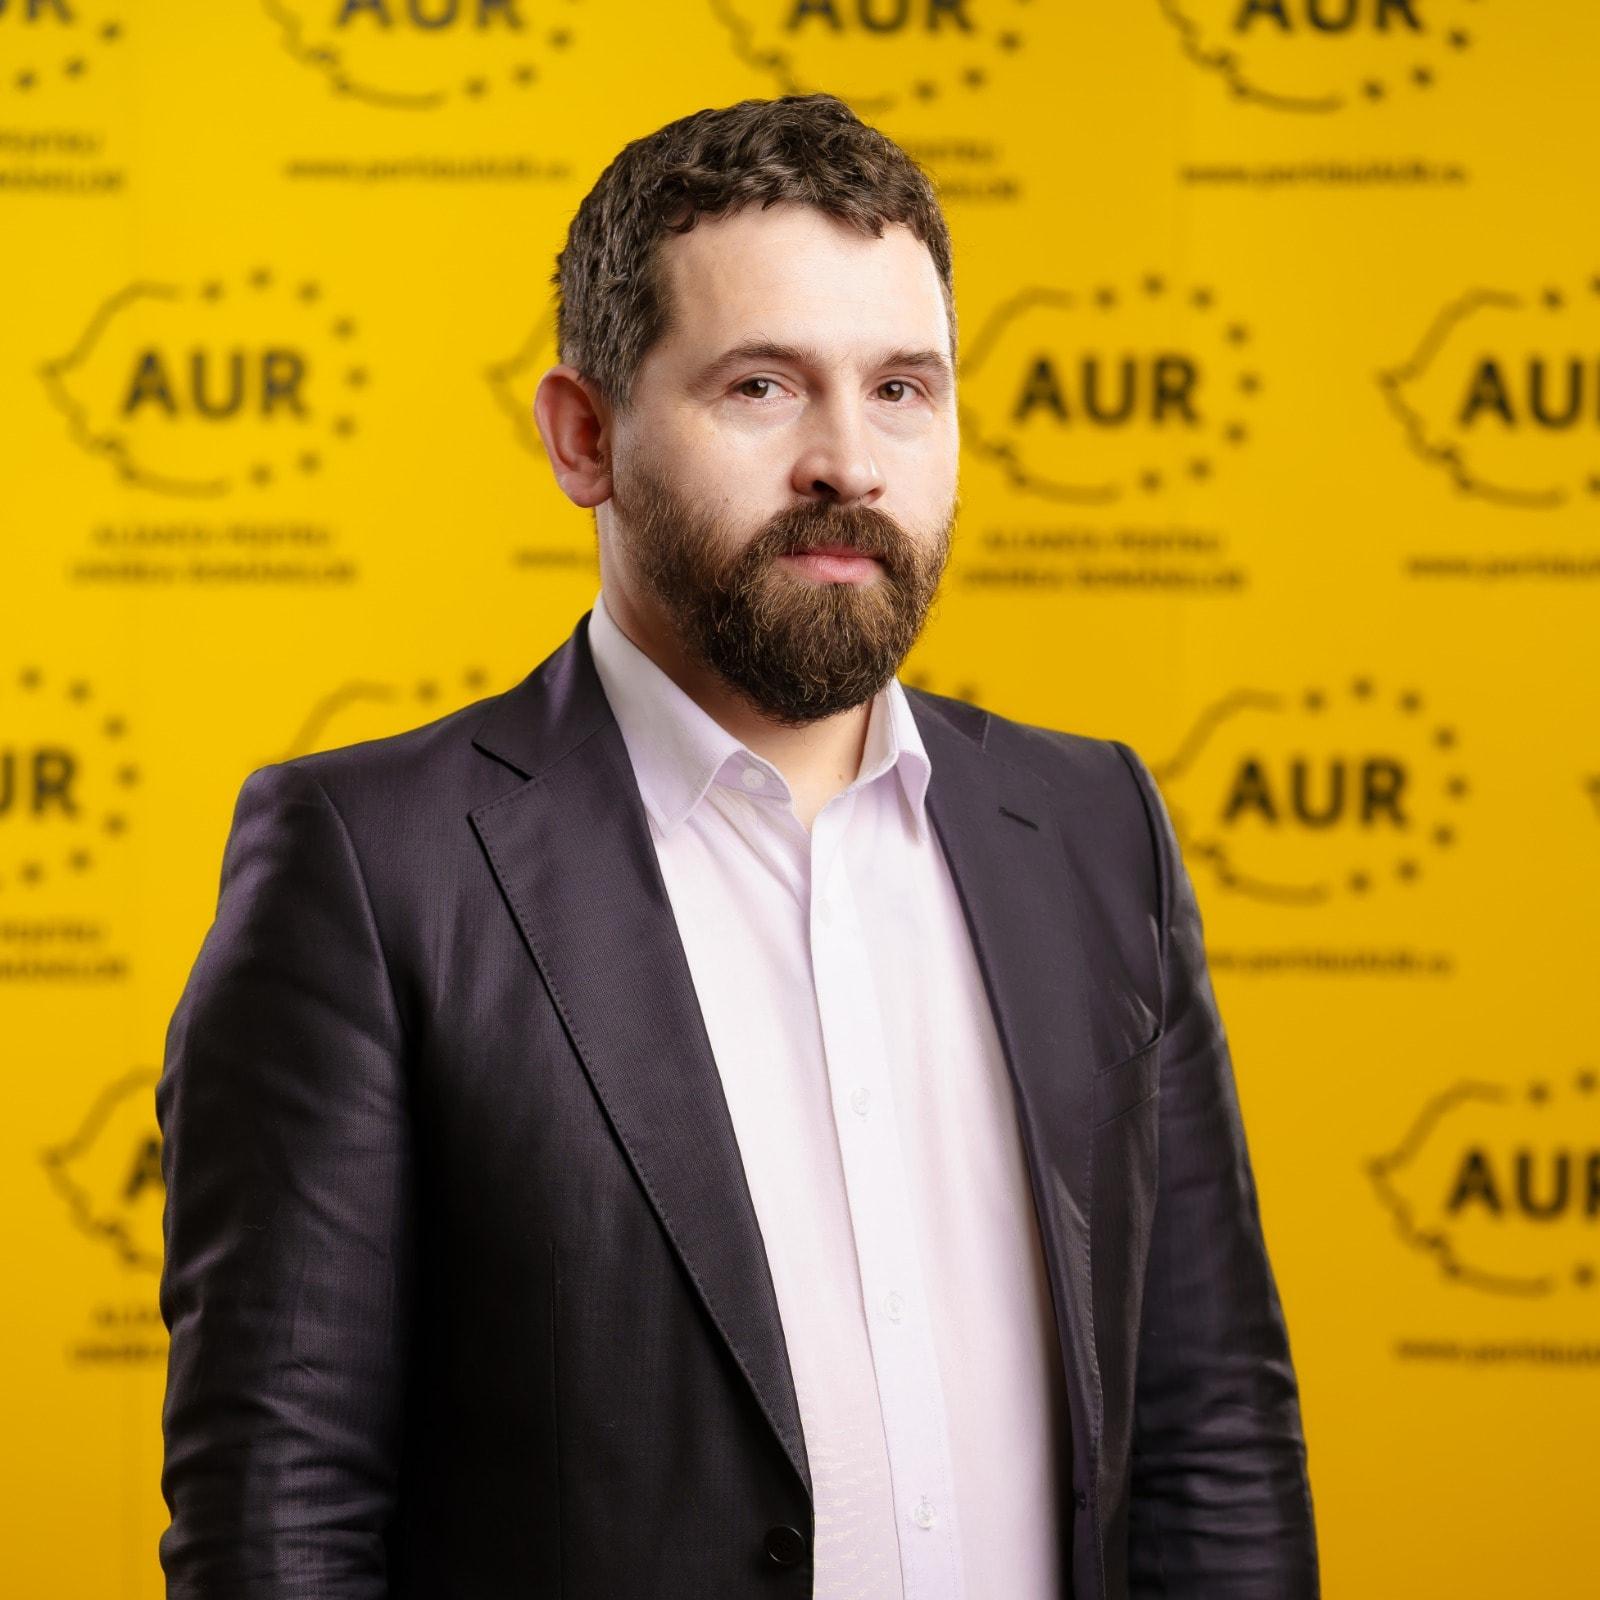 Deputat AUR: Nu voi accepta activități care duc la desuveranizarea României pe propriul teritoriu